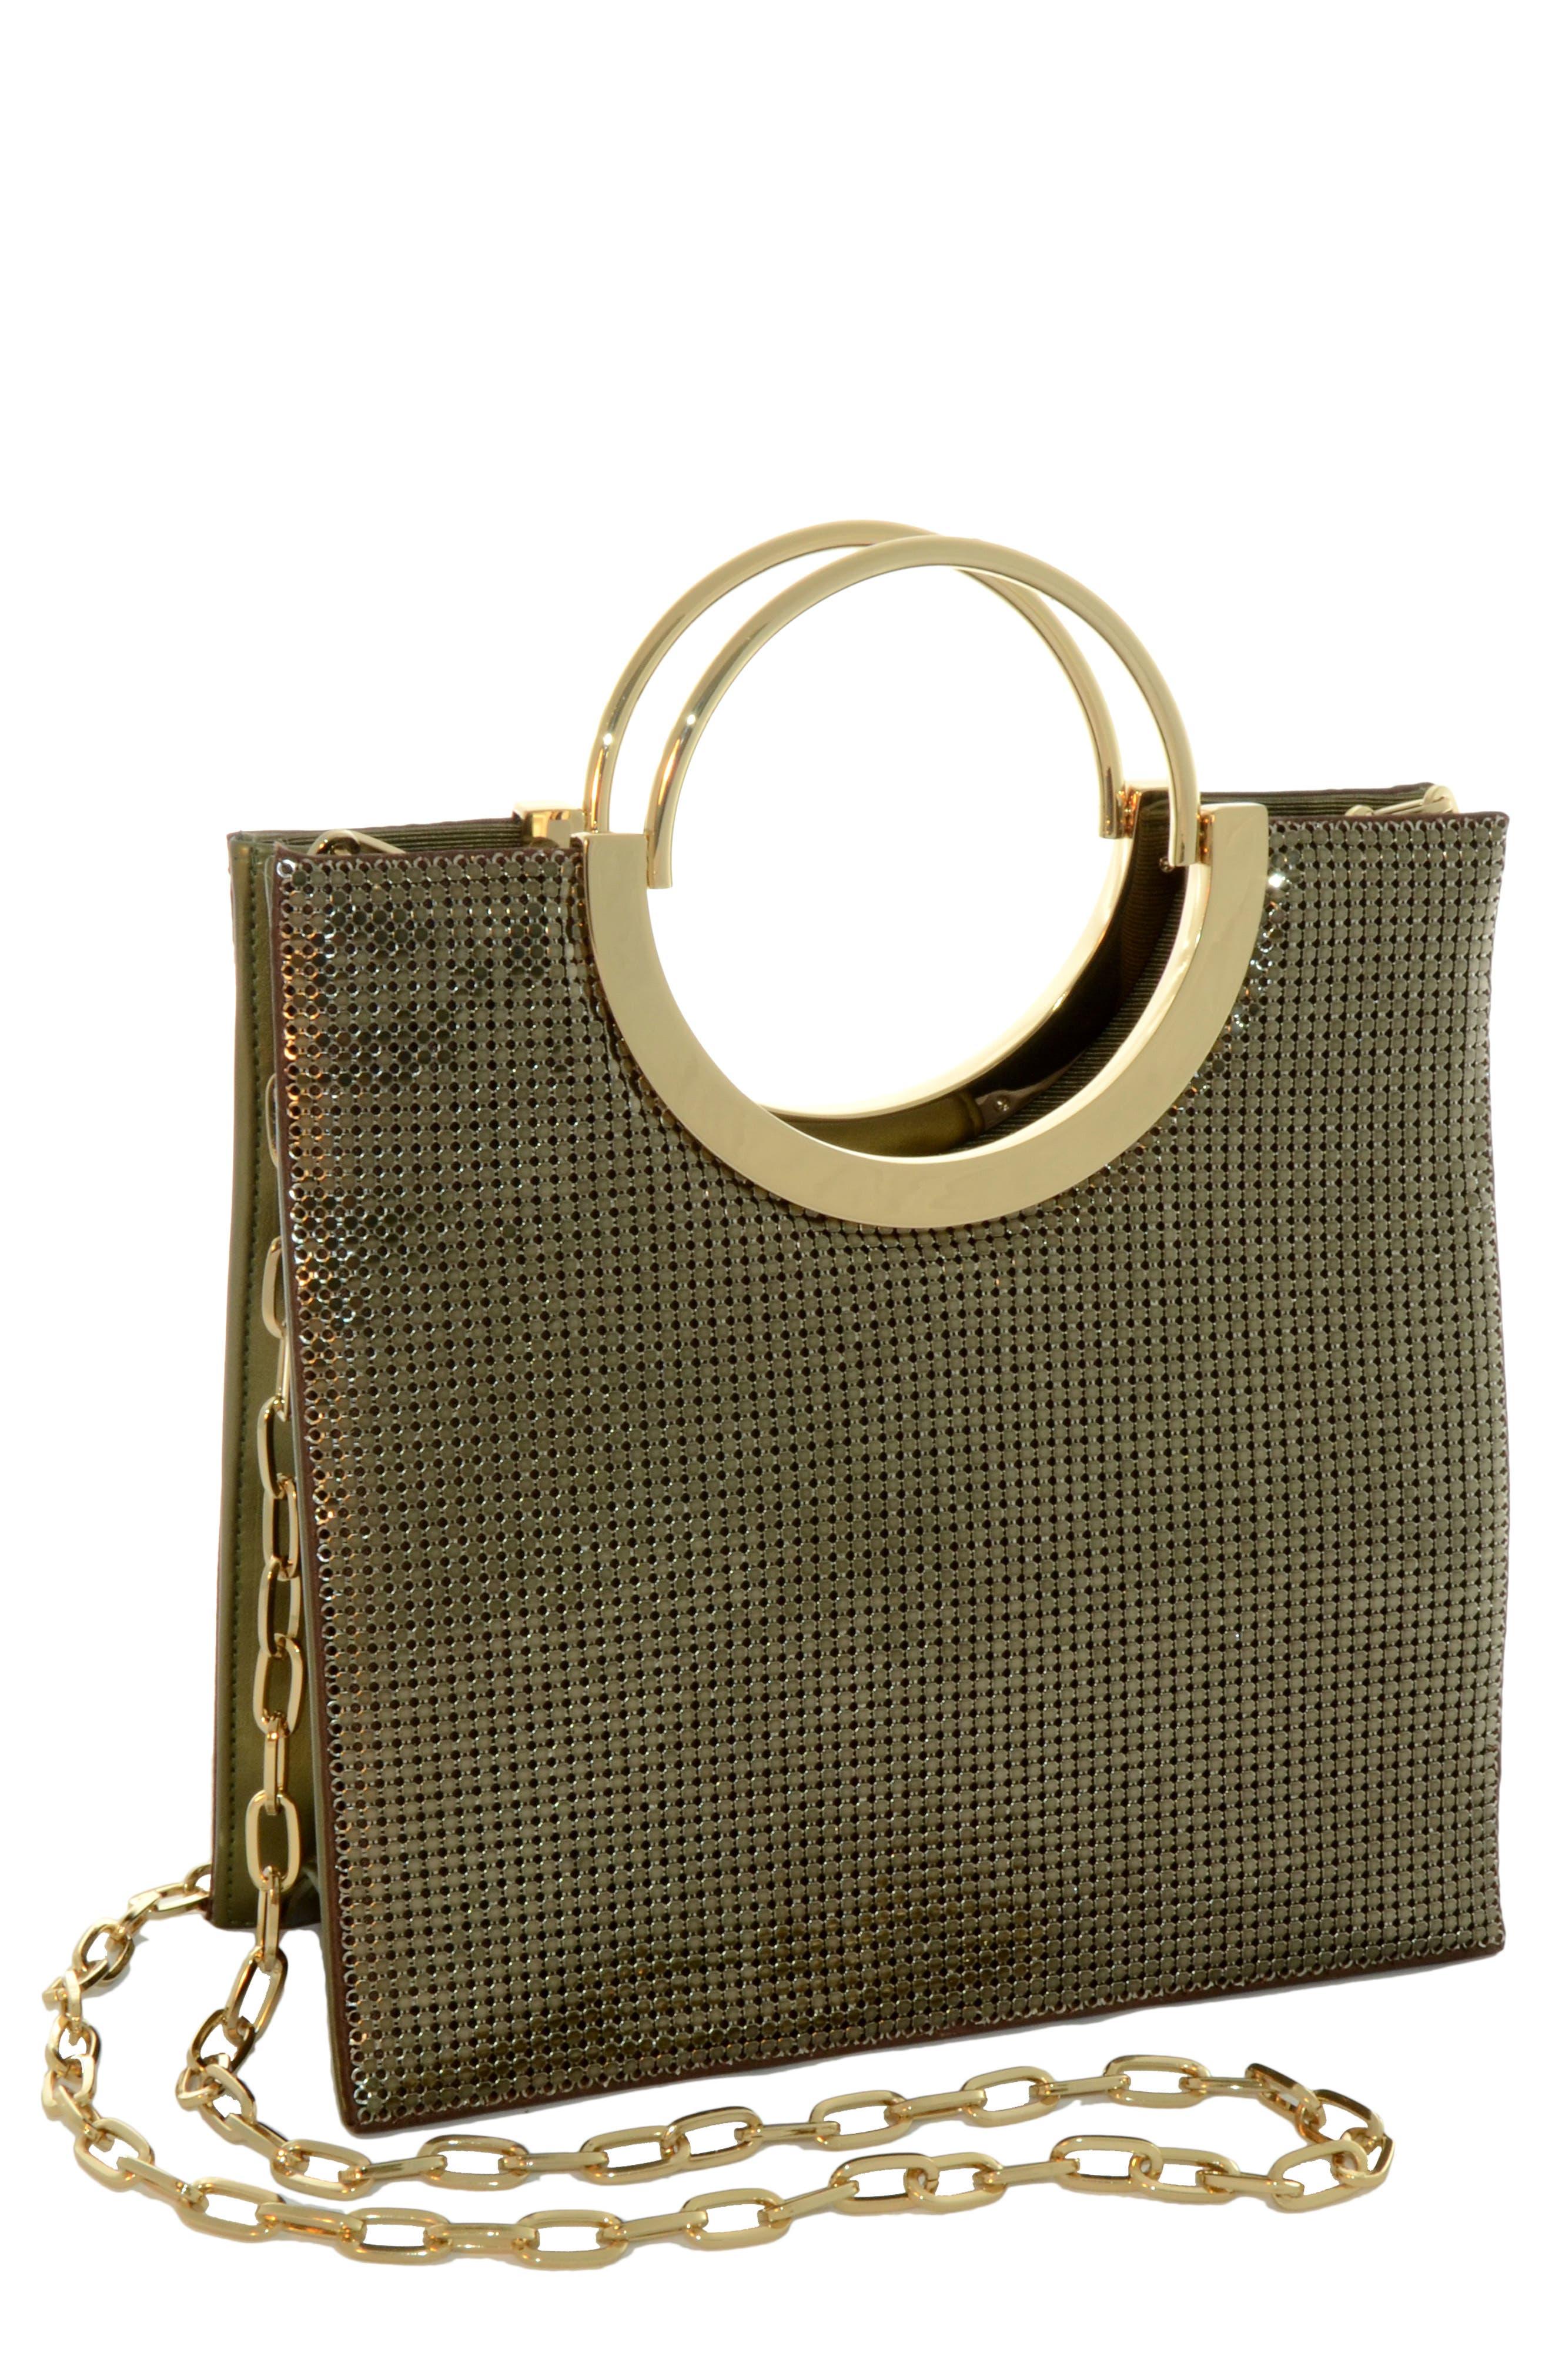 Nolita Tote Bag - Metallic in Antique Gold